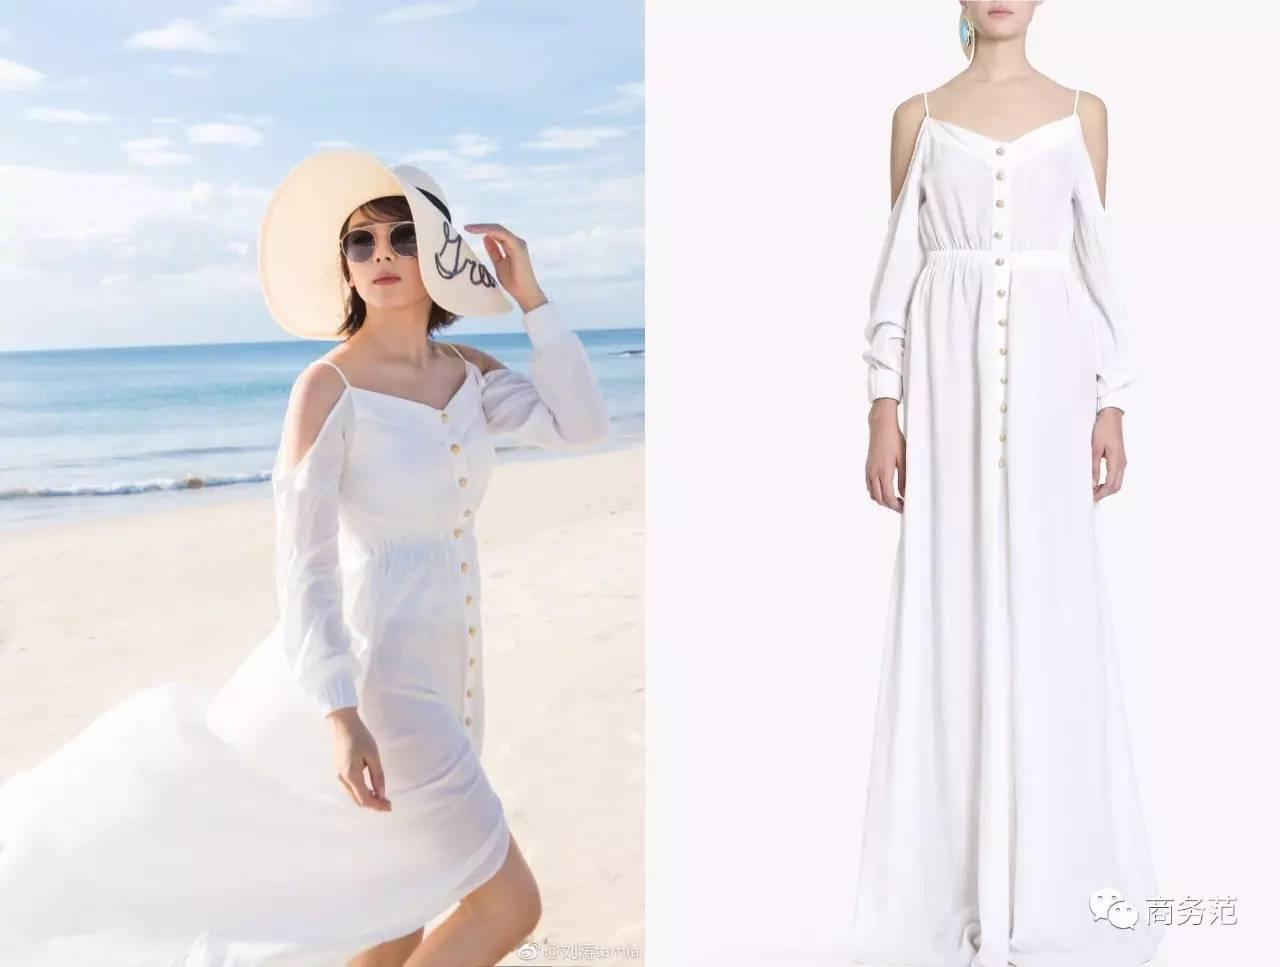 安迪换了9套衣服,她去海边浪的11个牌子都是啥? 时尚潮流 第12张